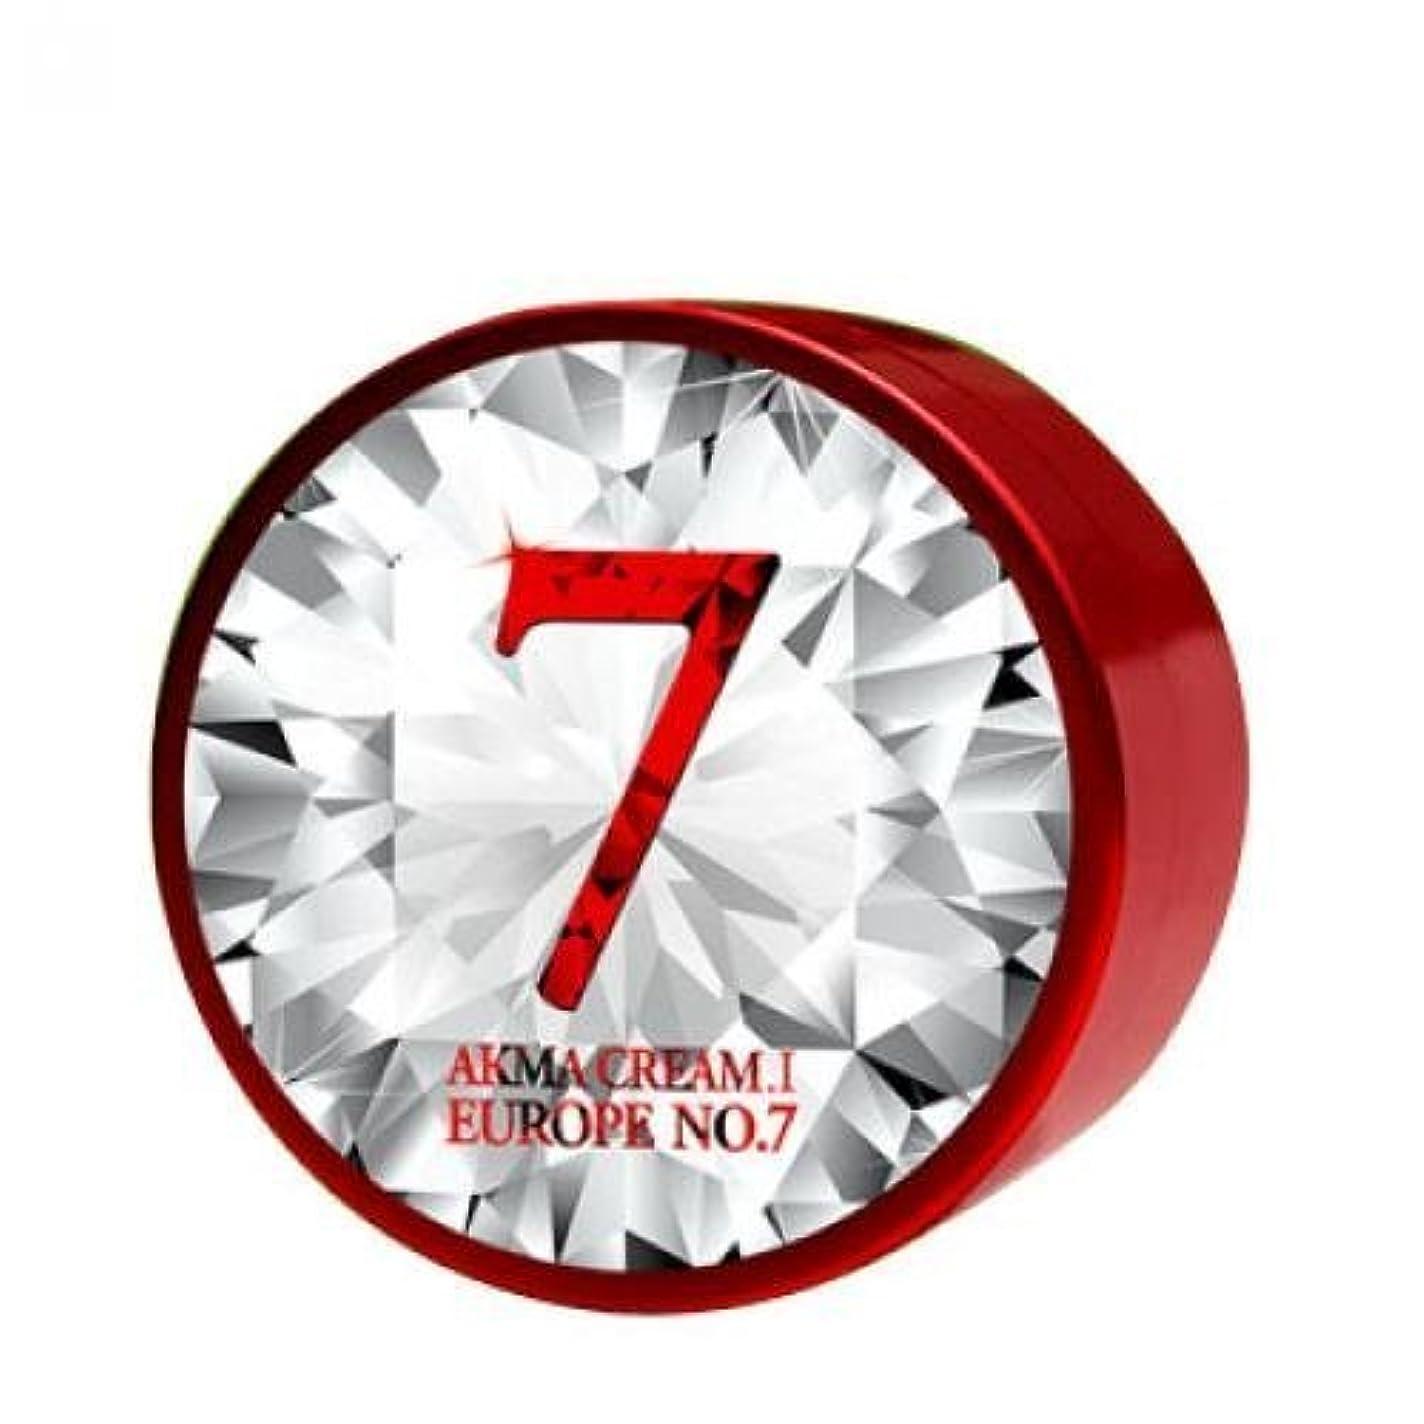 内向きカレンダータイプライターLalavesi AKMA Cream 1. Europe No.7 (Red Diamond Edition)/ Made in Korea